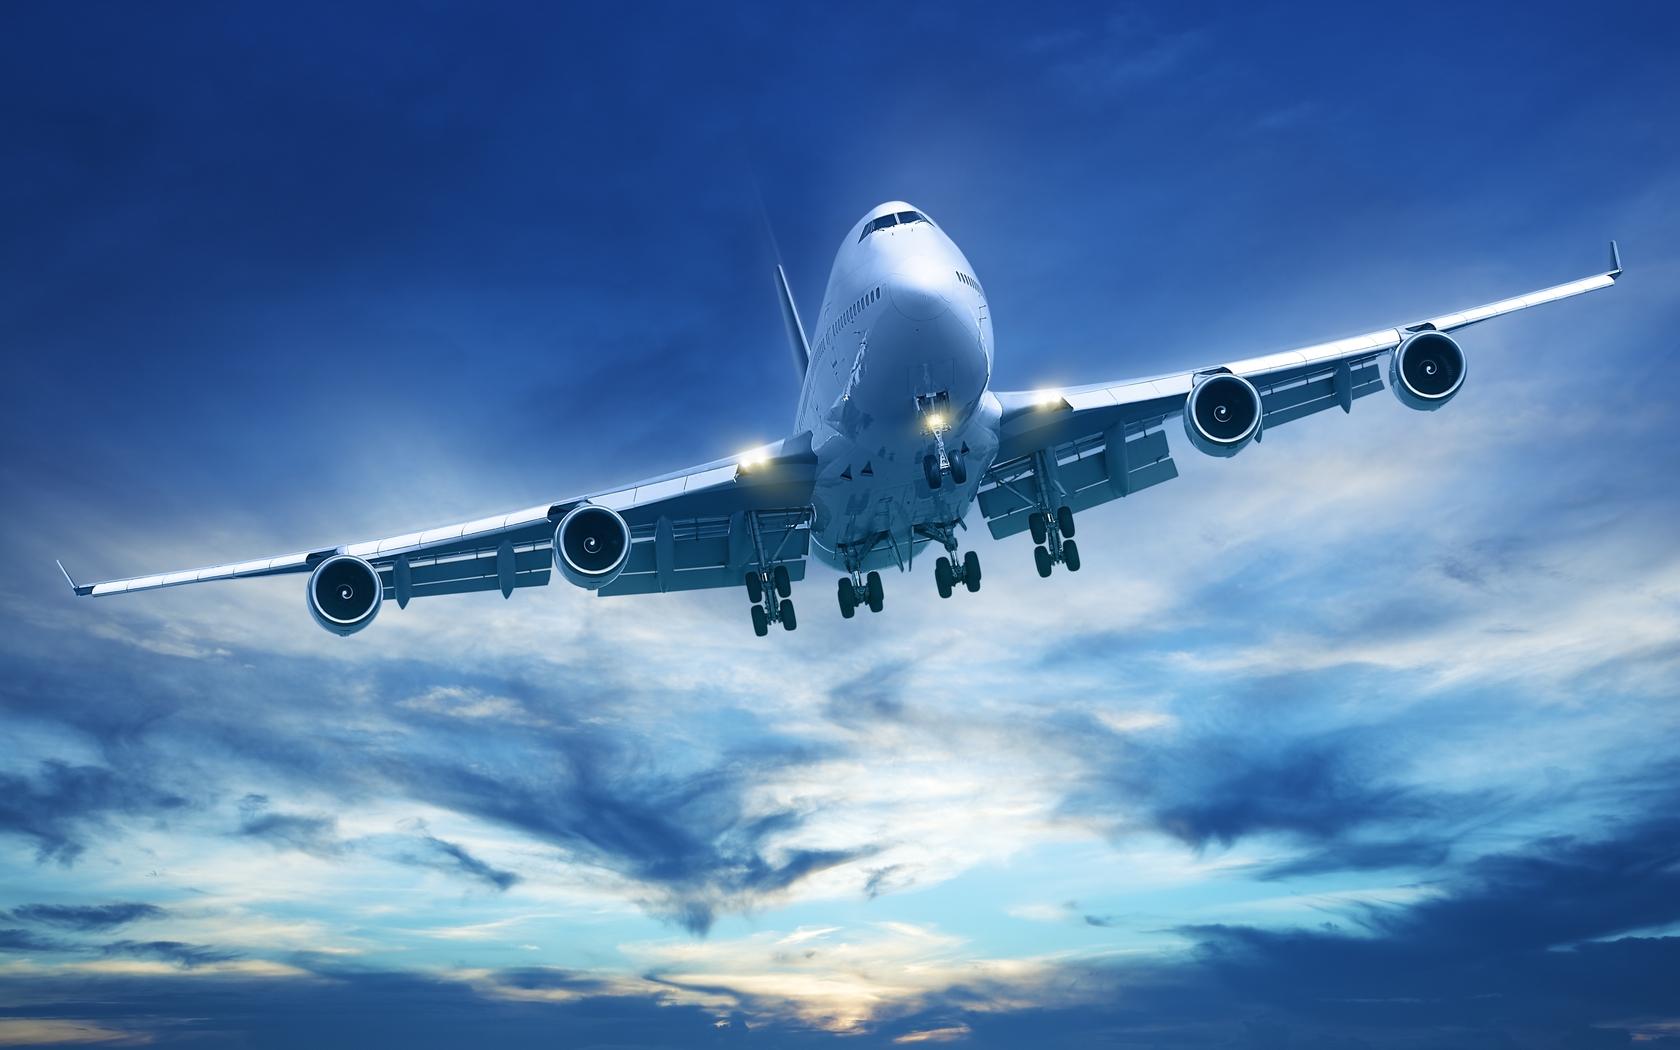 Казахстан увеличивает регулярные авиарейсы с РФ и Турцией